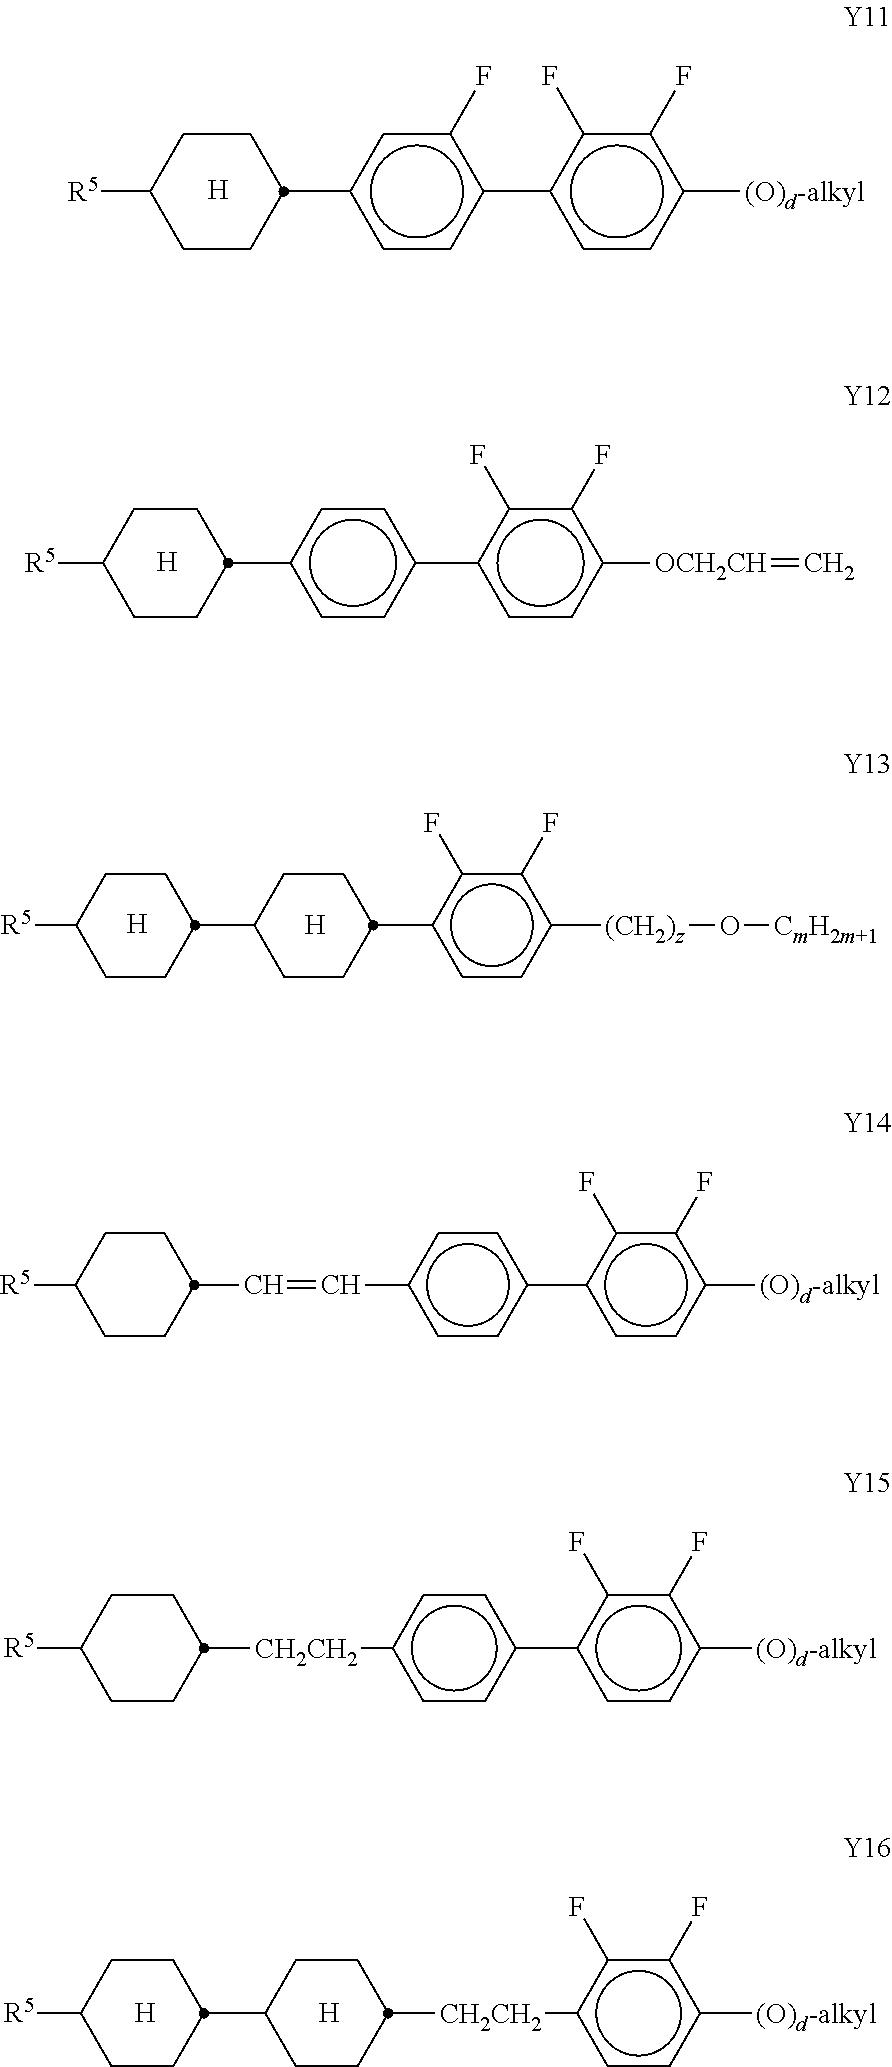 Figure US09279082-20160308-C00060